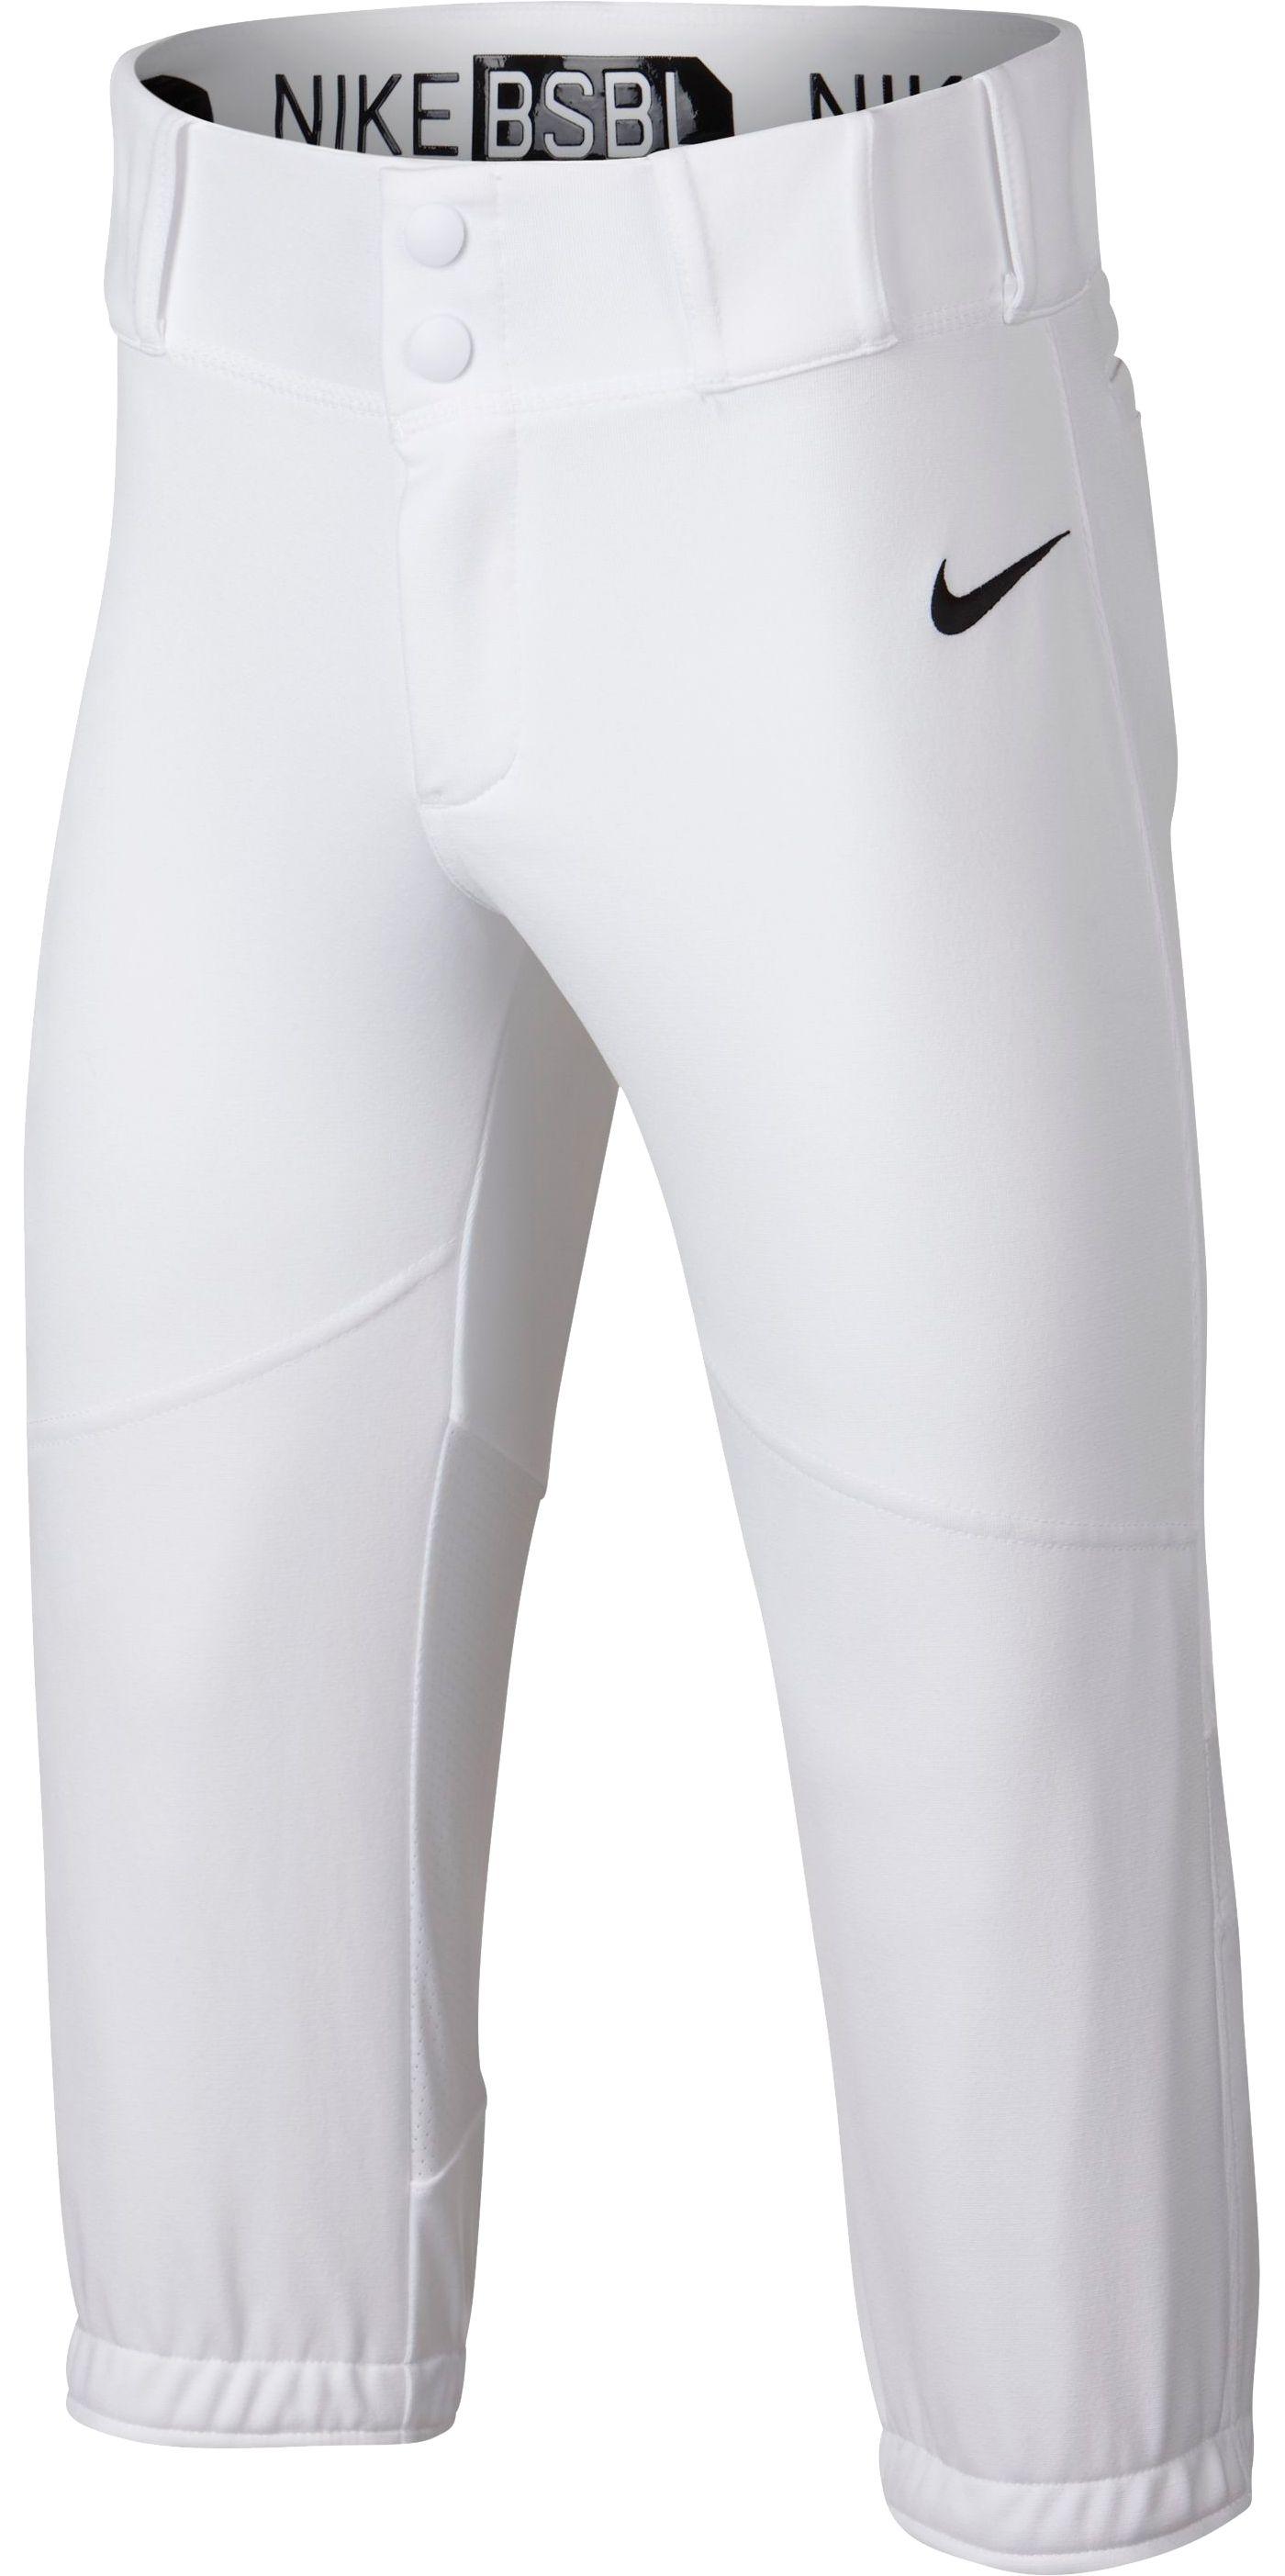 Nike Boys' Pro Vapor High Baseball Pants